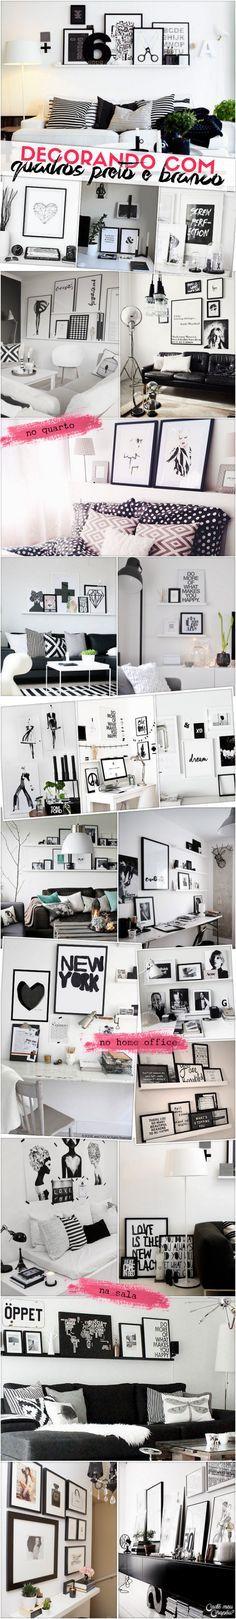 Decoração preto e branco   Black and white decor   http://cademeuchapeu.com